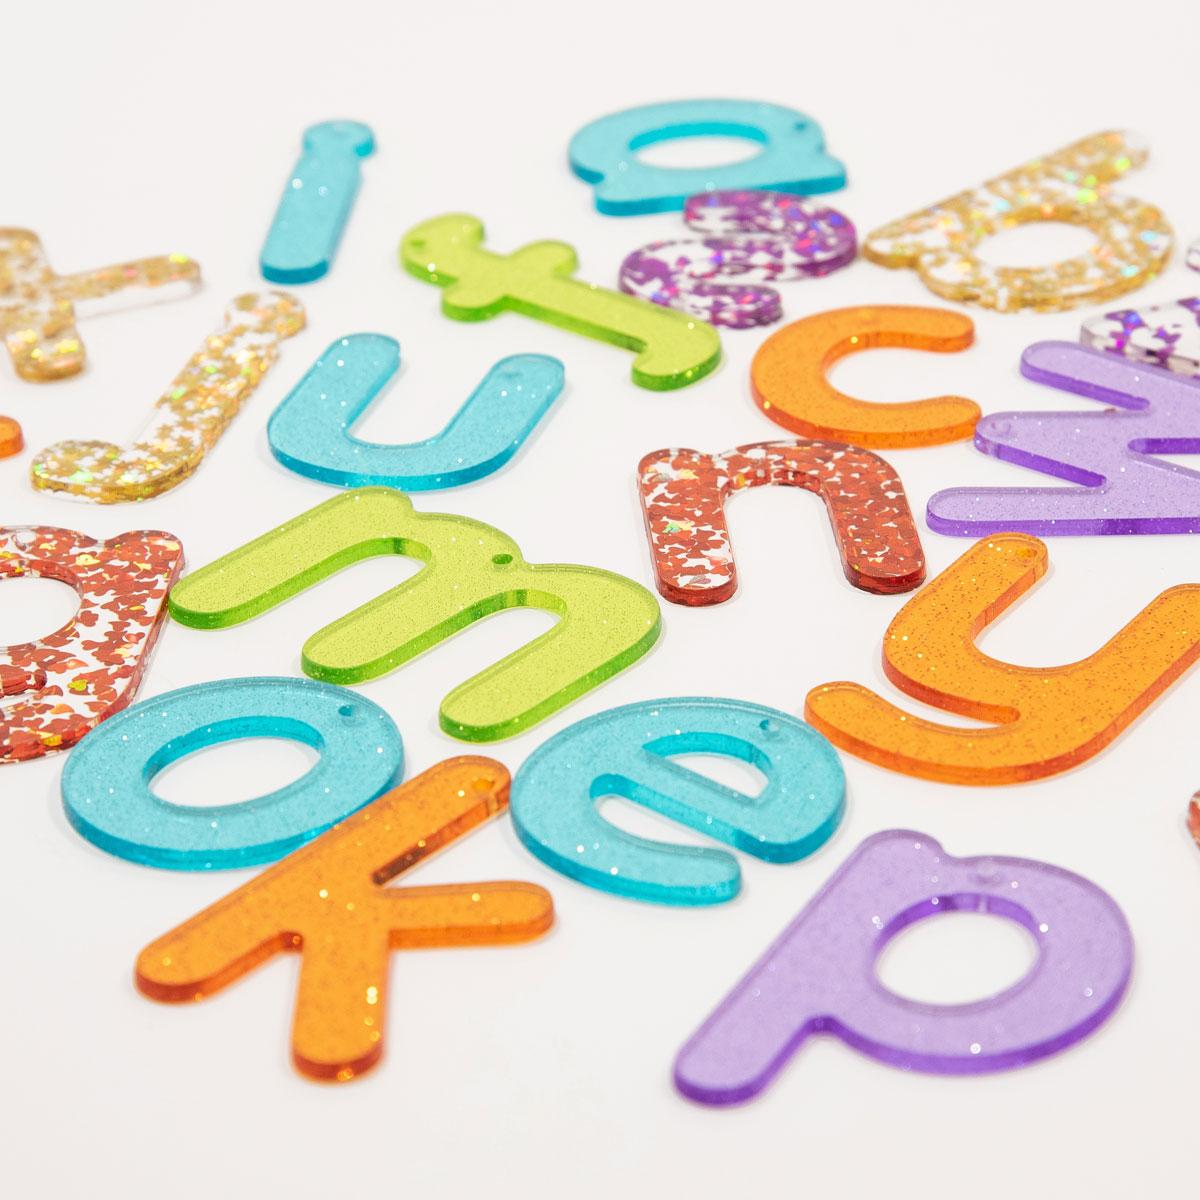 Buy Tts Bee Bot Mat Treasure Island Primary Ict Shop